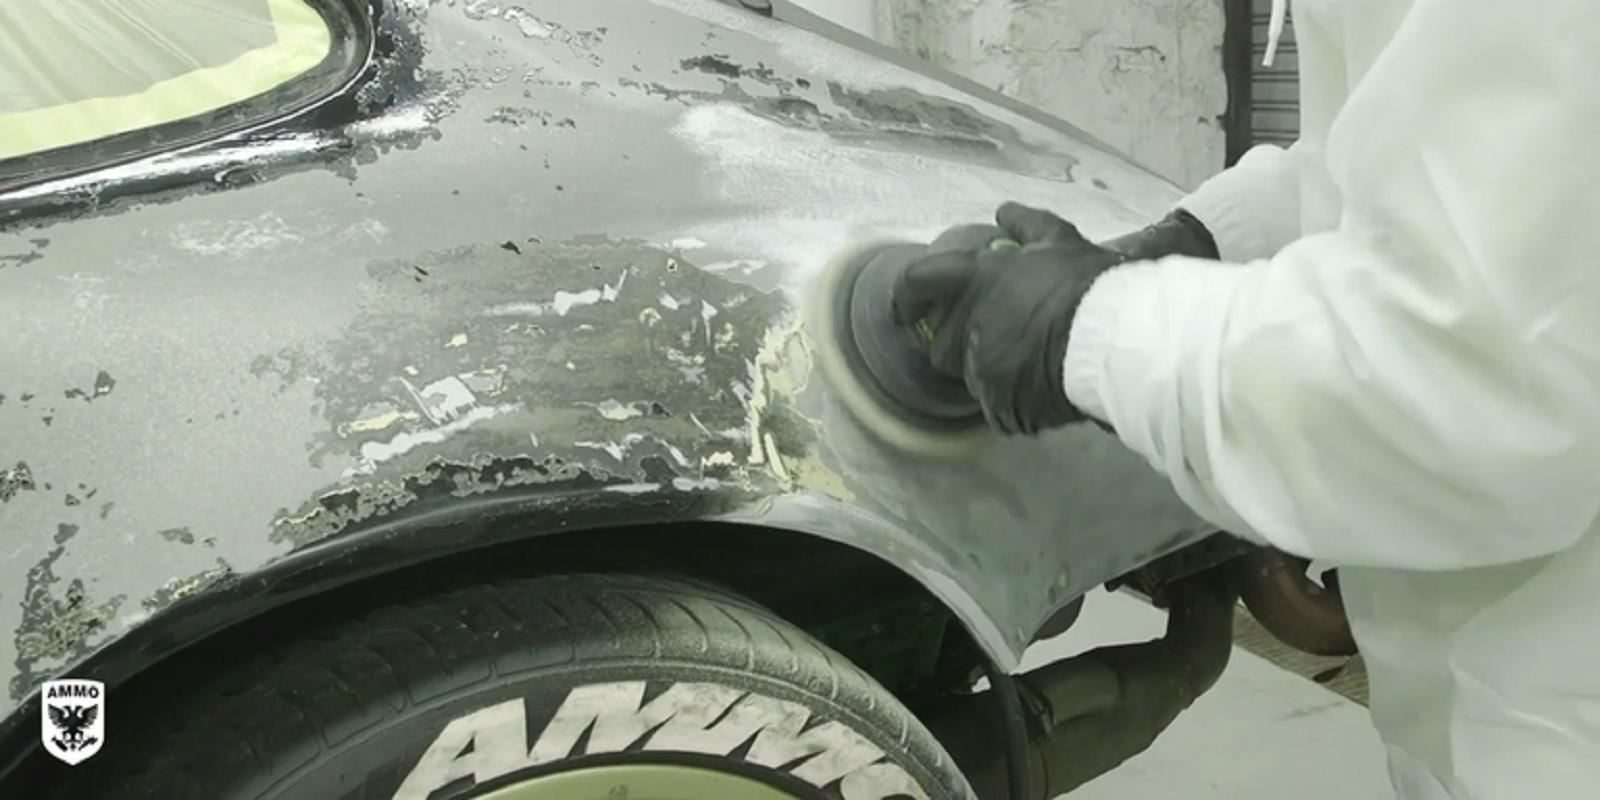 Điểm mặt 5 bộ phận dễ hỏng nhất trên xe ô tô, các tài xế không được bỏ qua Ảnh 4